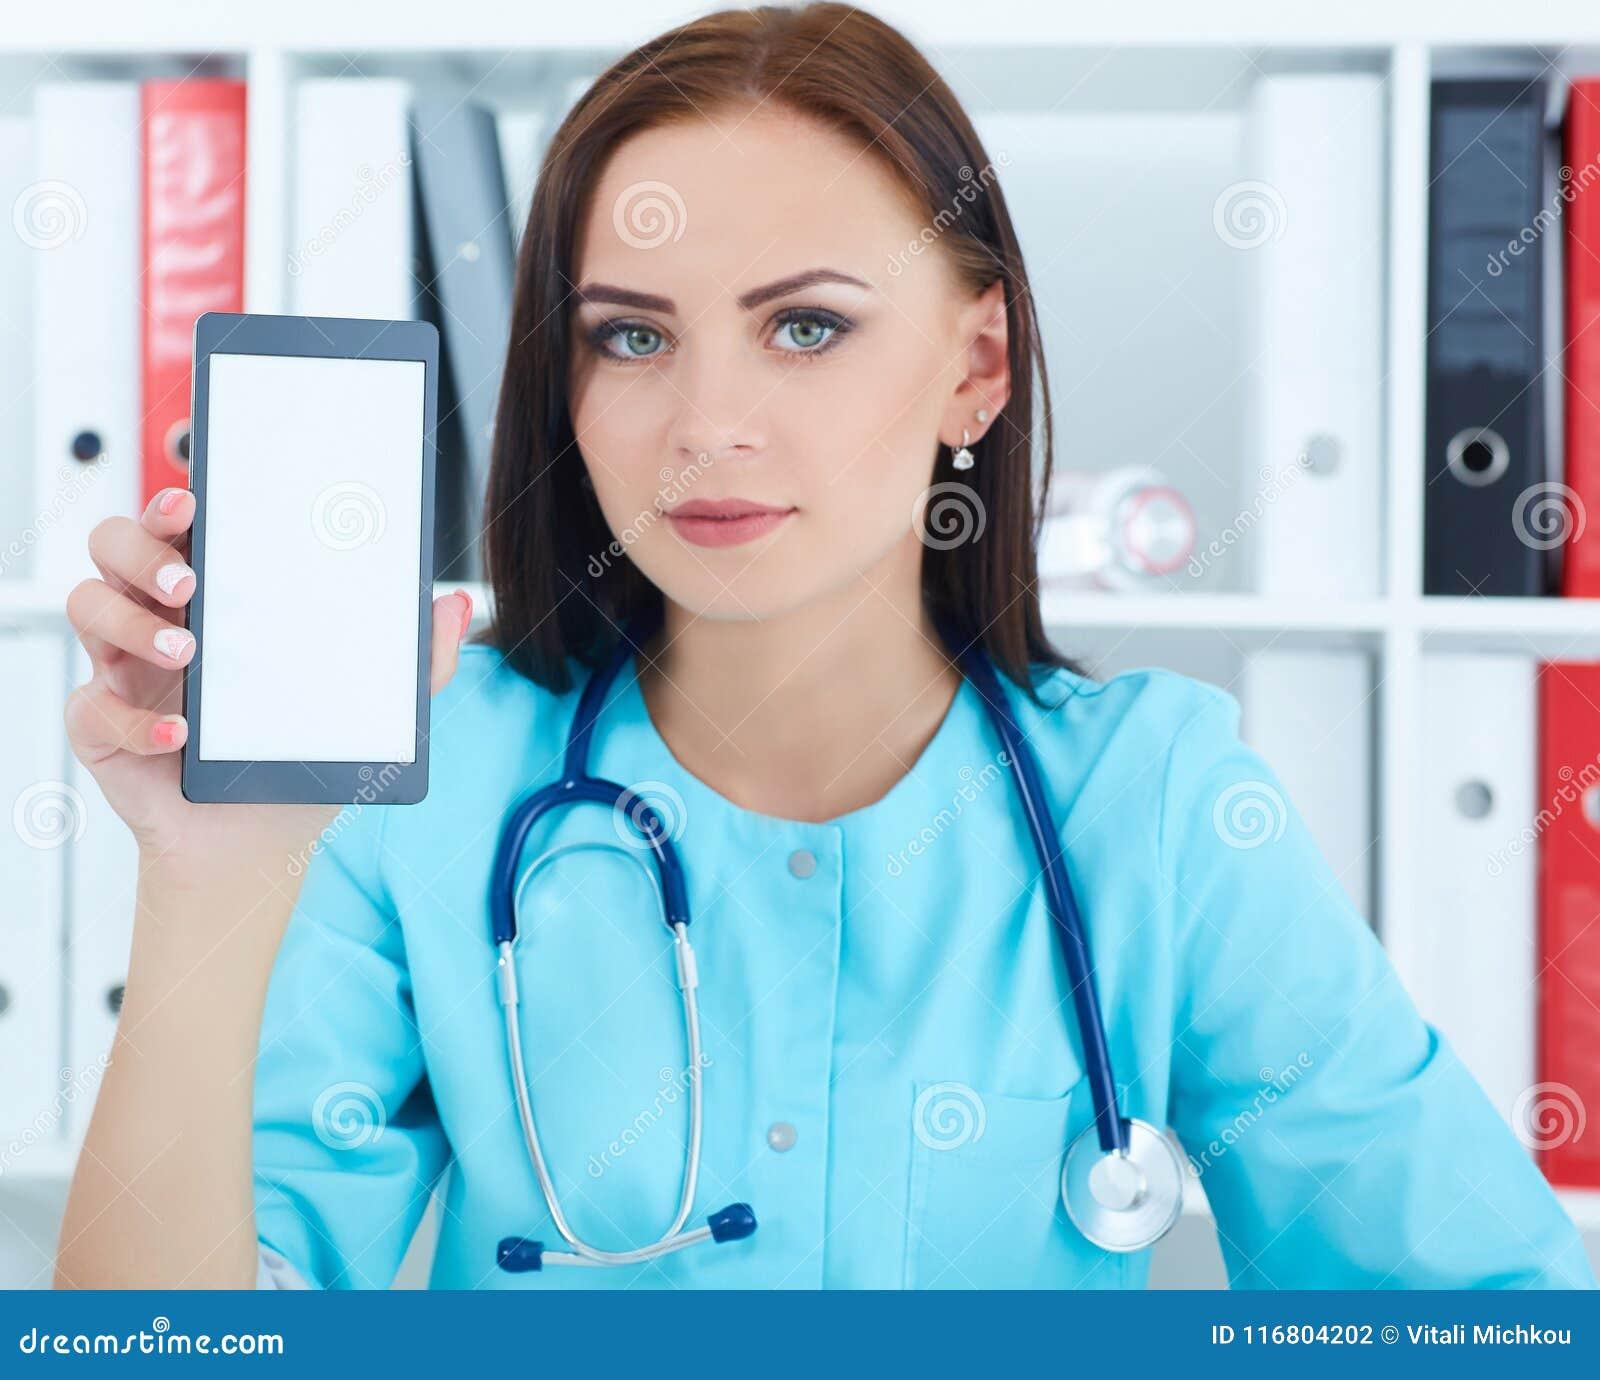 Mobiltelefon och visning för kvinnlig medicindoktor hållande det till kameran Medicinsk utrustning, modern teknologi och